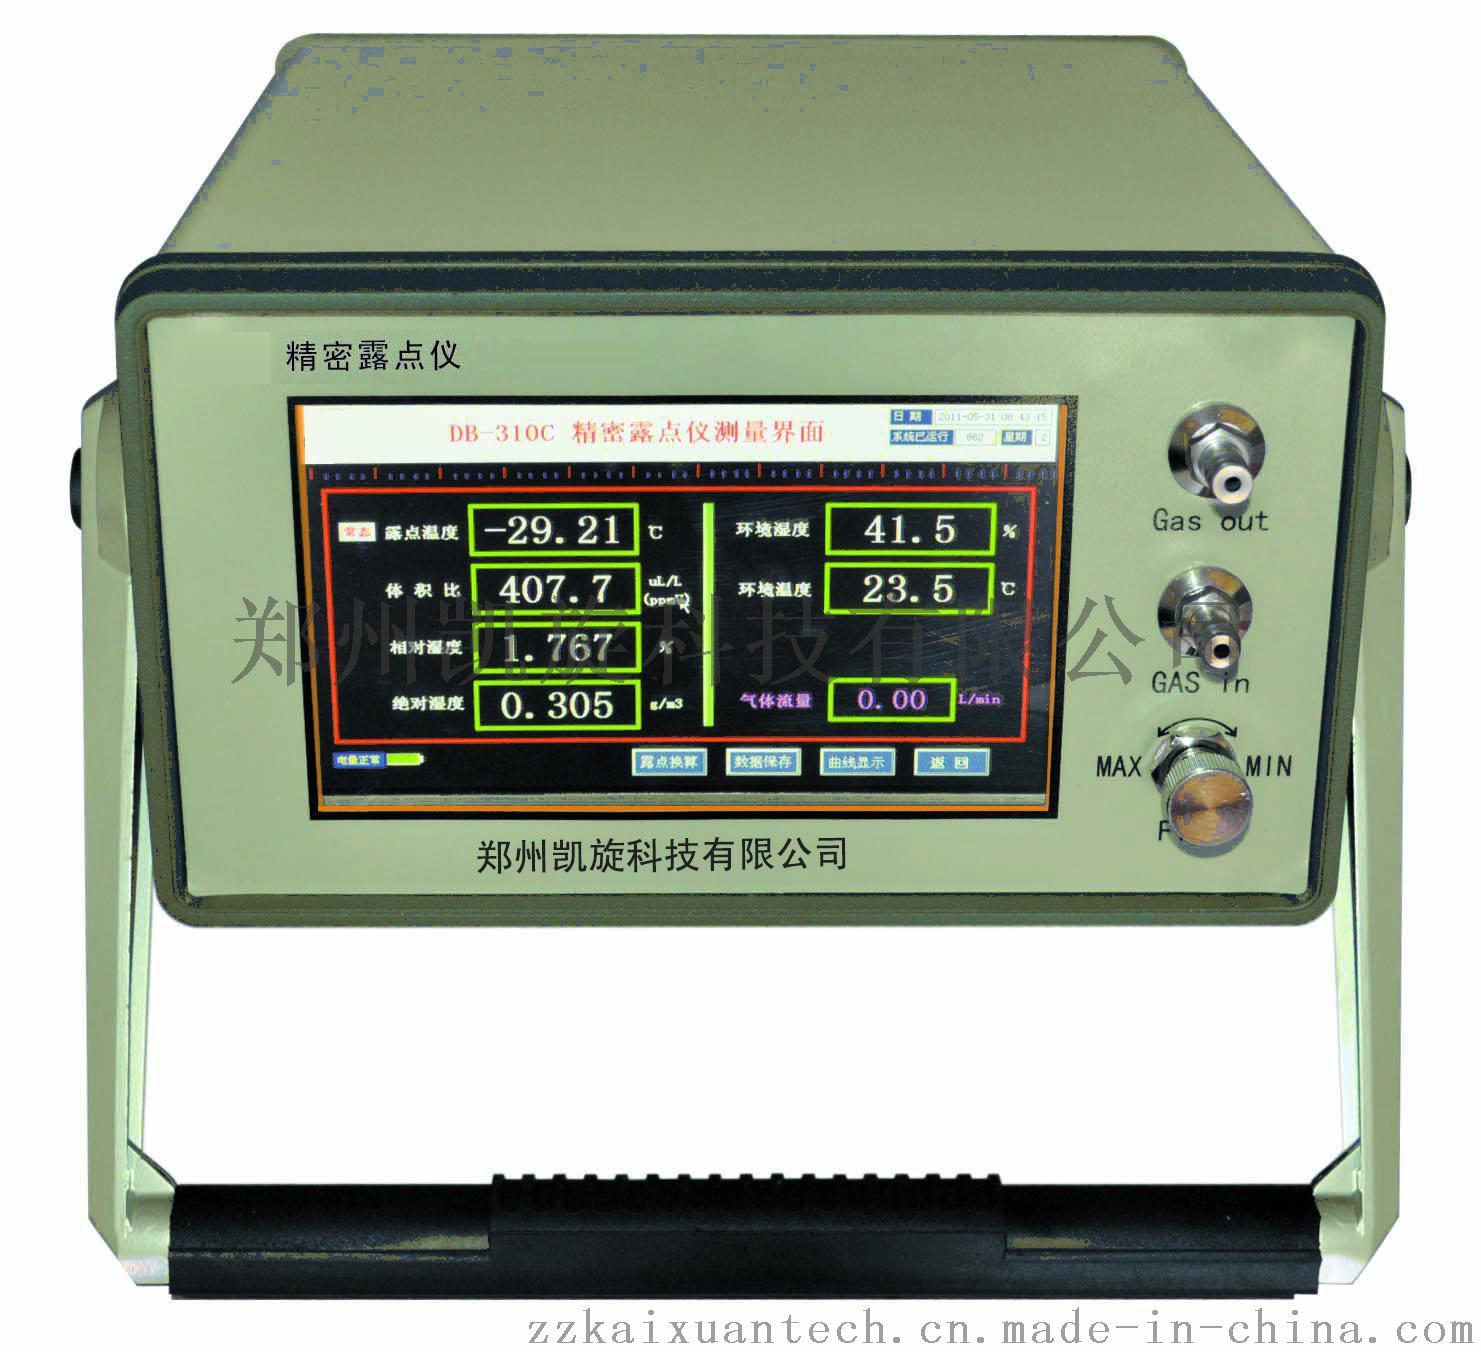 郑州凯旋KX-101便携式精密露点仪微水仪744115872